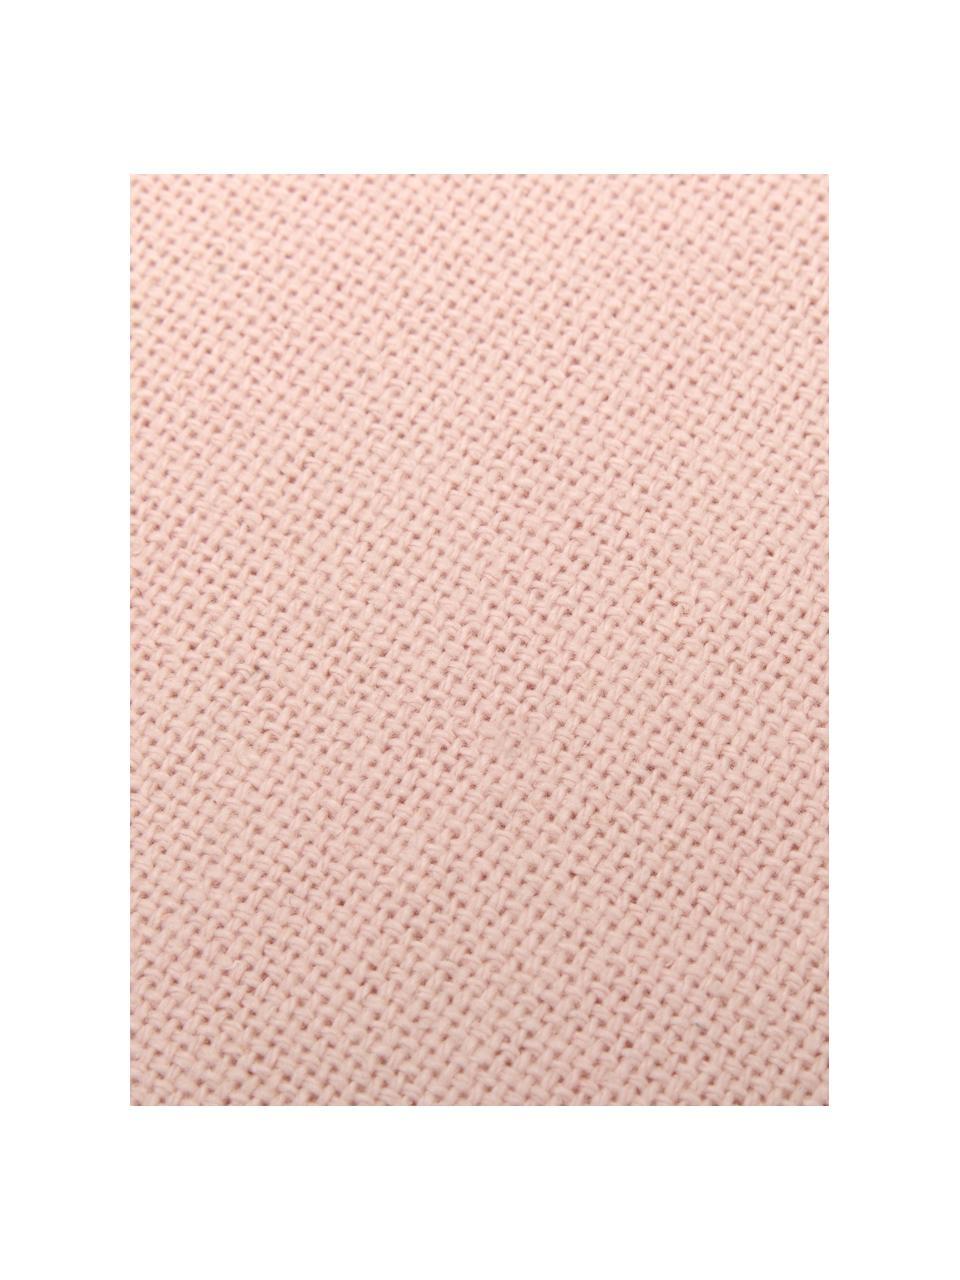 Kissen Prague in Rosa mit Fransenabschluss, mit Inlett, Vorderseite: 100% Baumwolle, grob gewe, Rückseite: 100% Baumwolle, Rosa, 40 x 40 cm